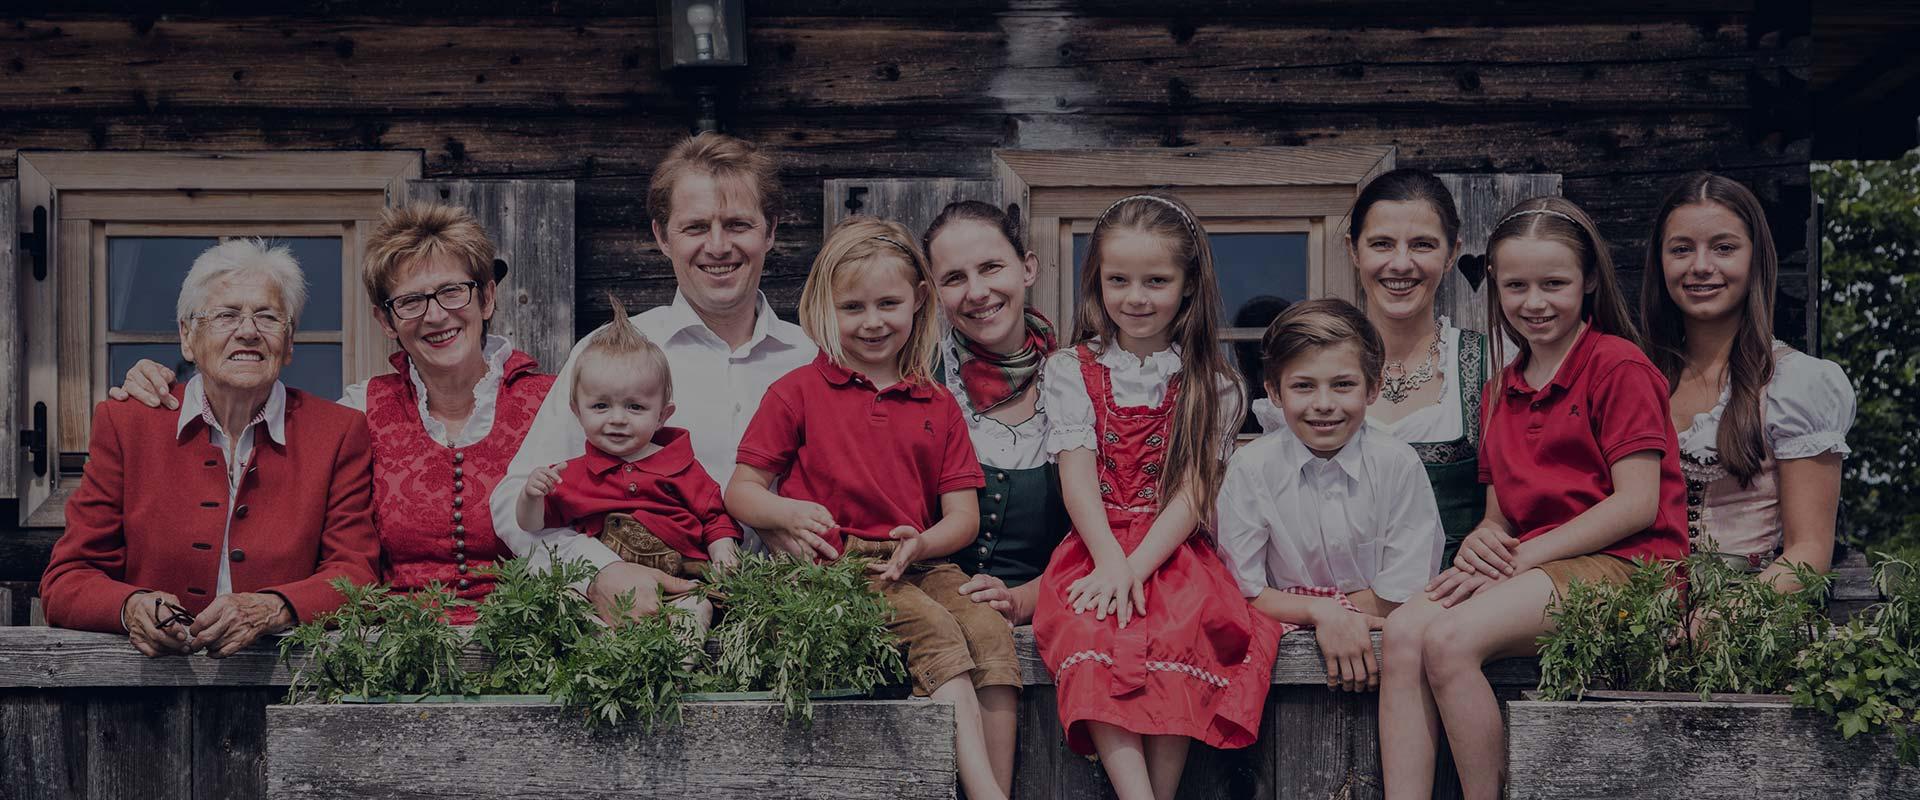 Gipfelhaus-Familie-Bild-hg